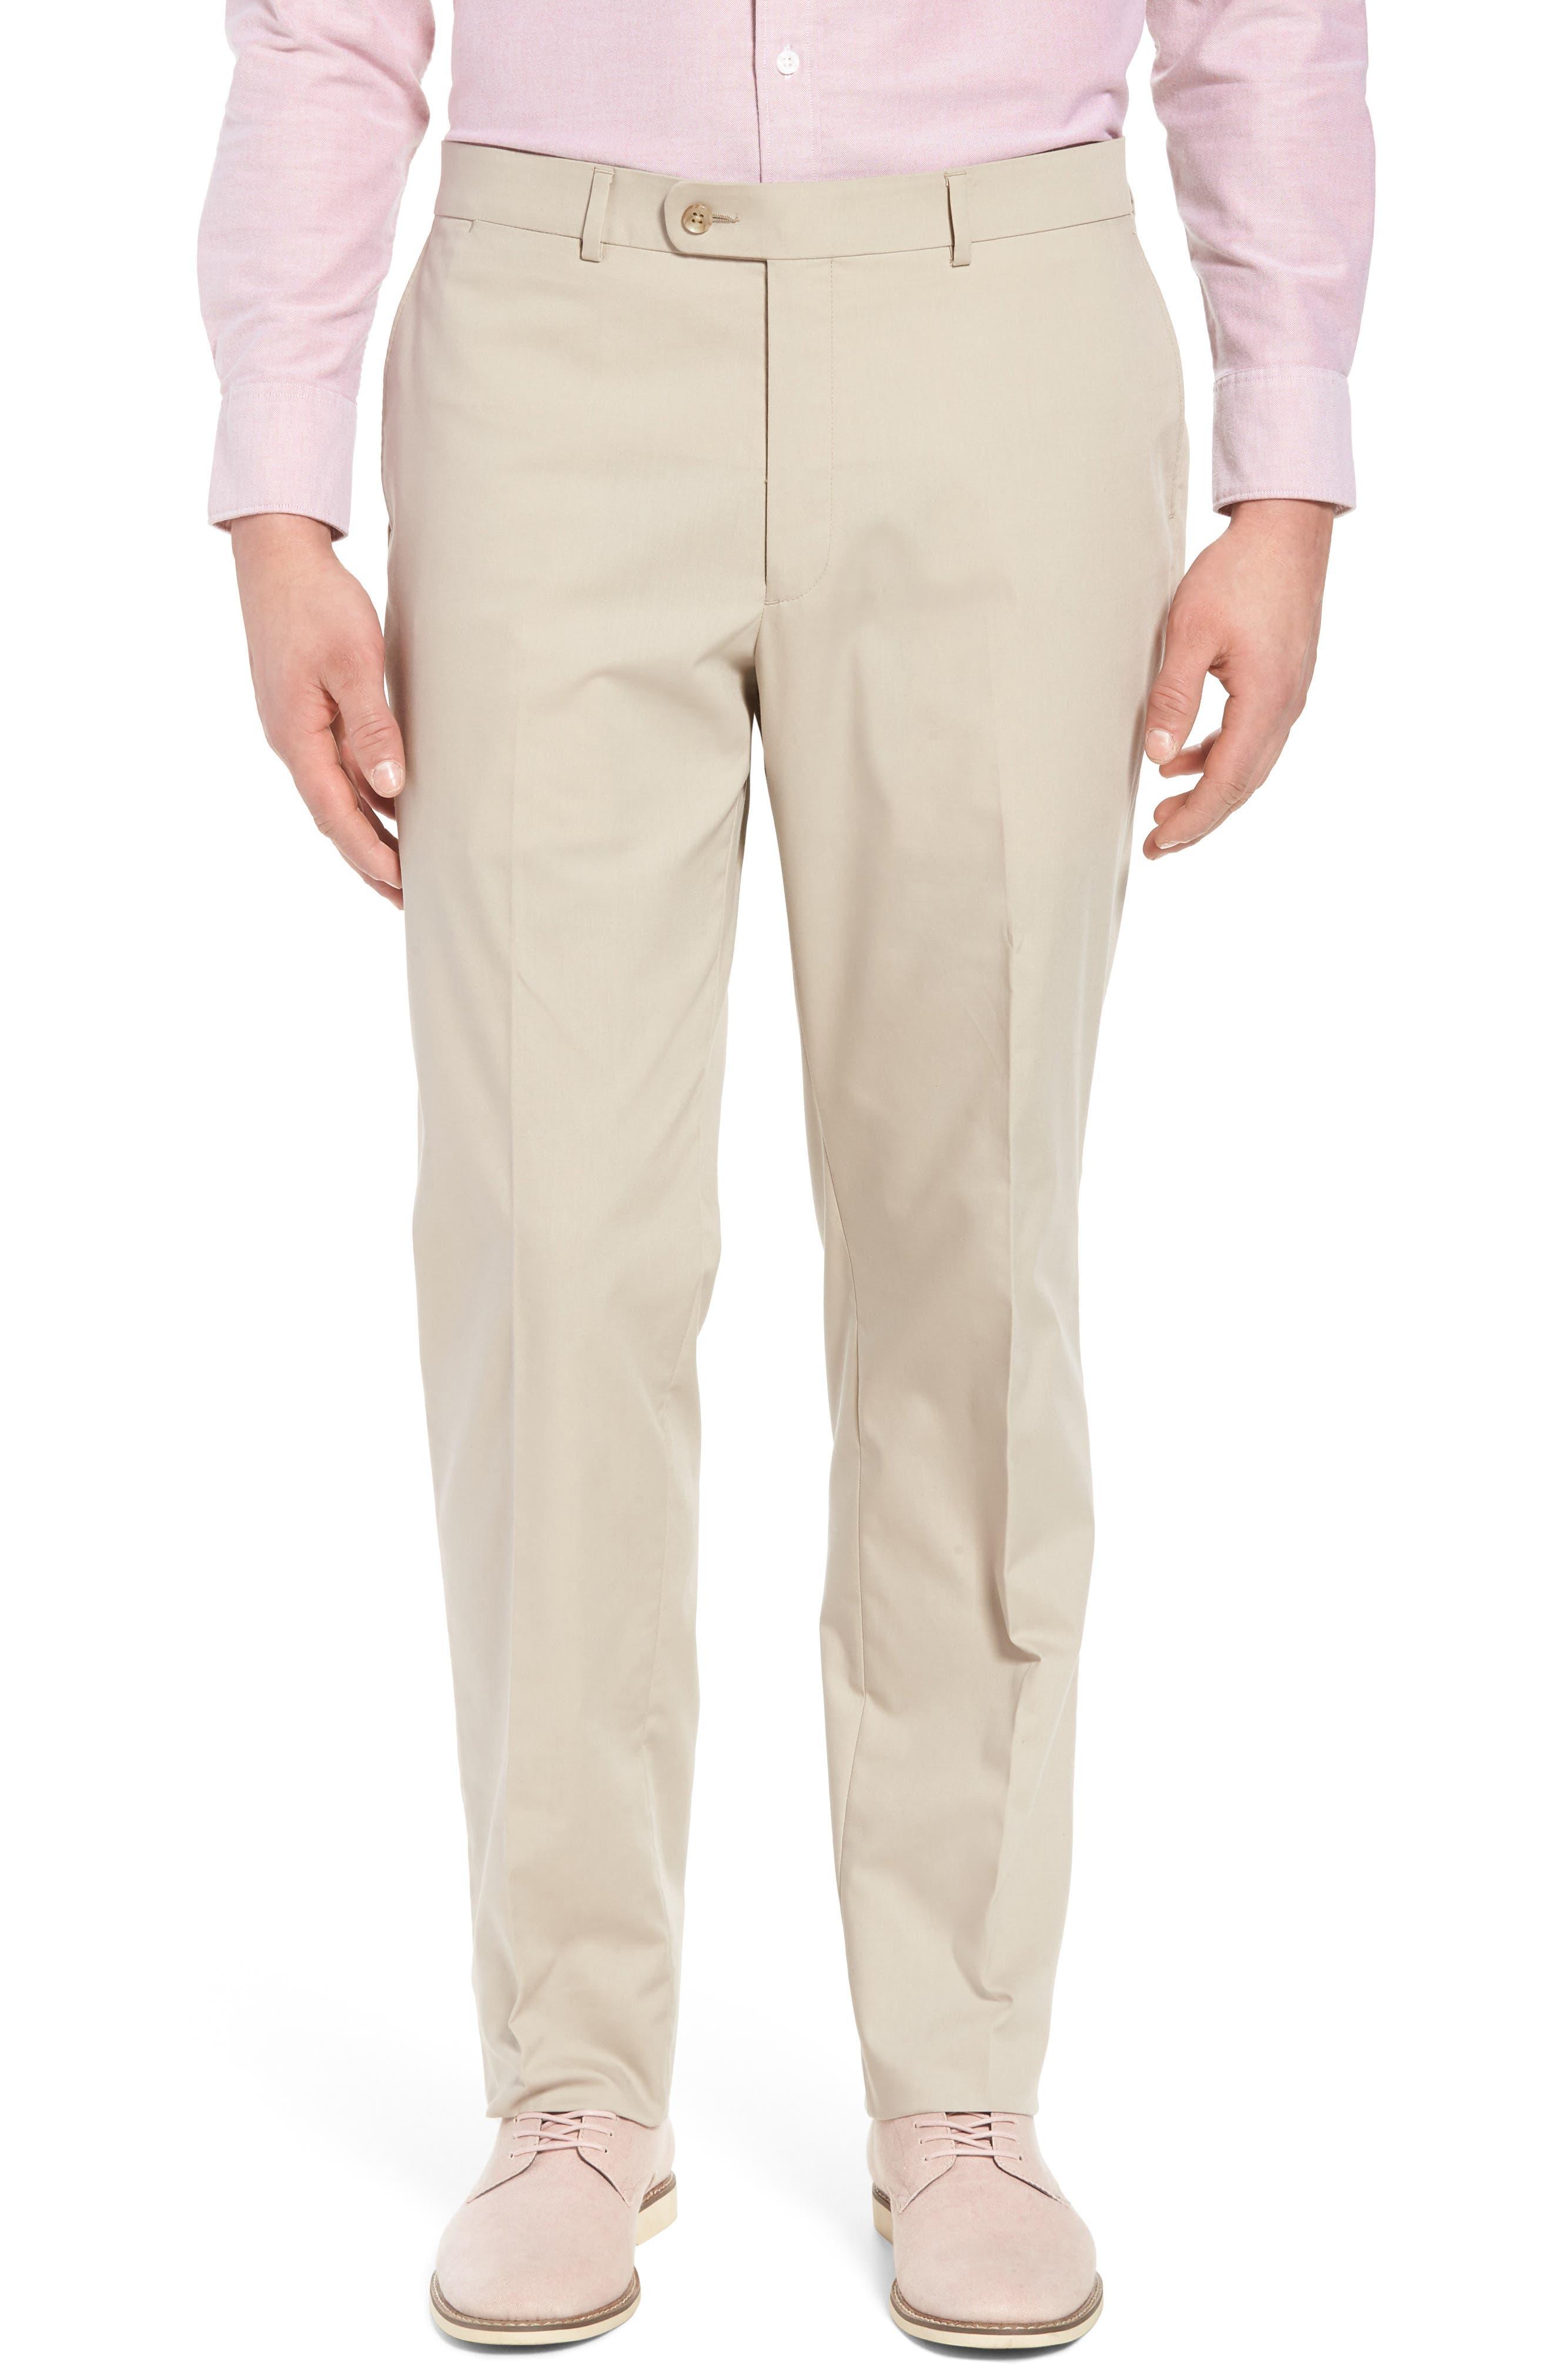 Irons AIM Classic Fit Solid Cotton Blend Suit,                             Alternate thumbnail 6, color,                             BEIGE